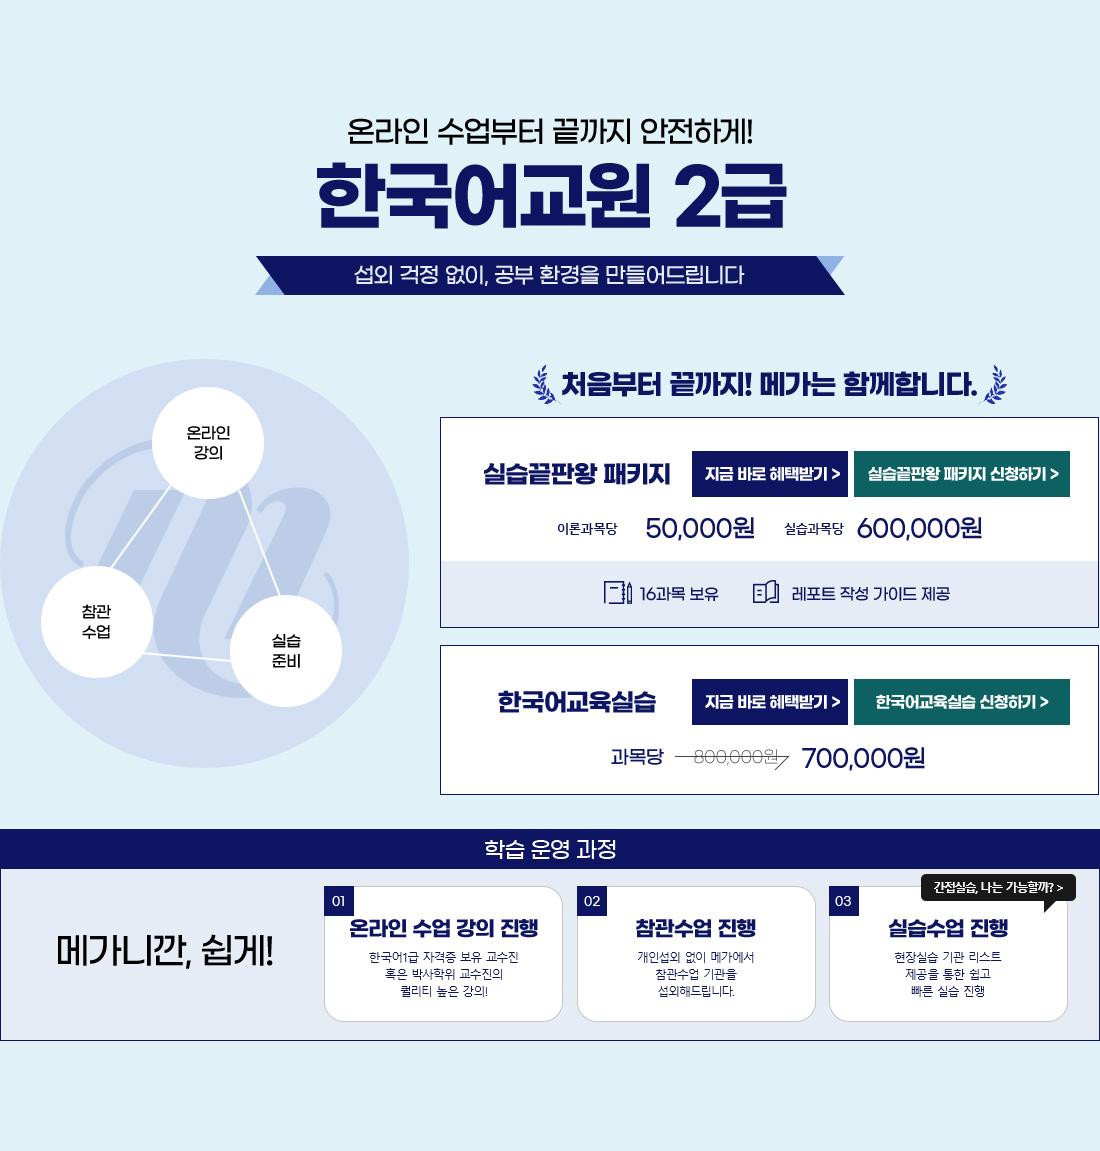 온라인 수업부터 끝까지 안전하게! 한국어교원 2급